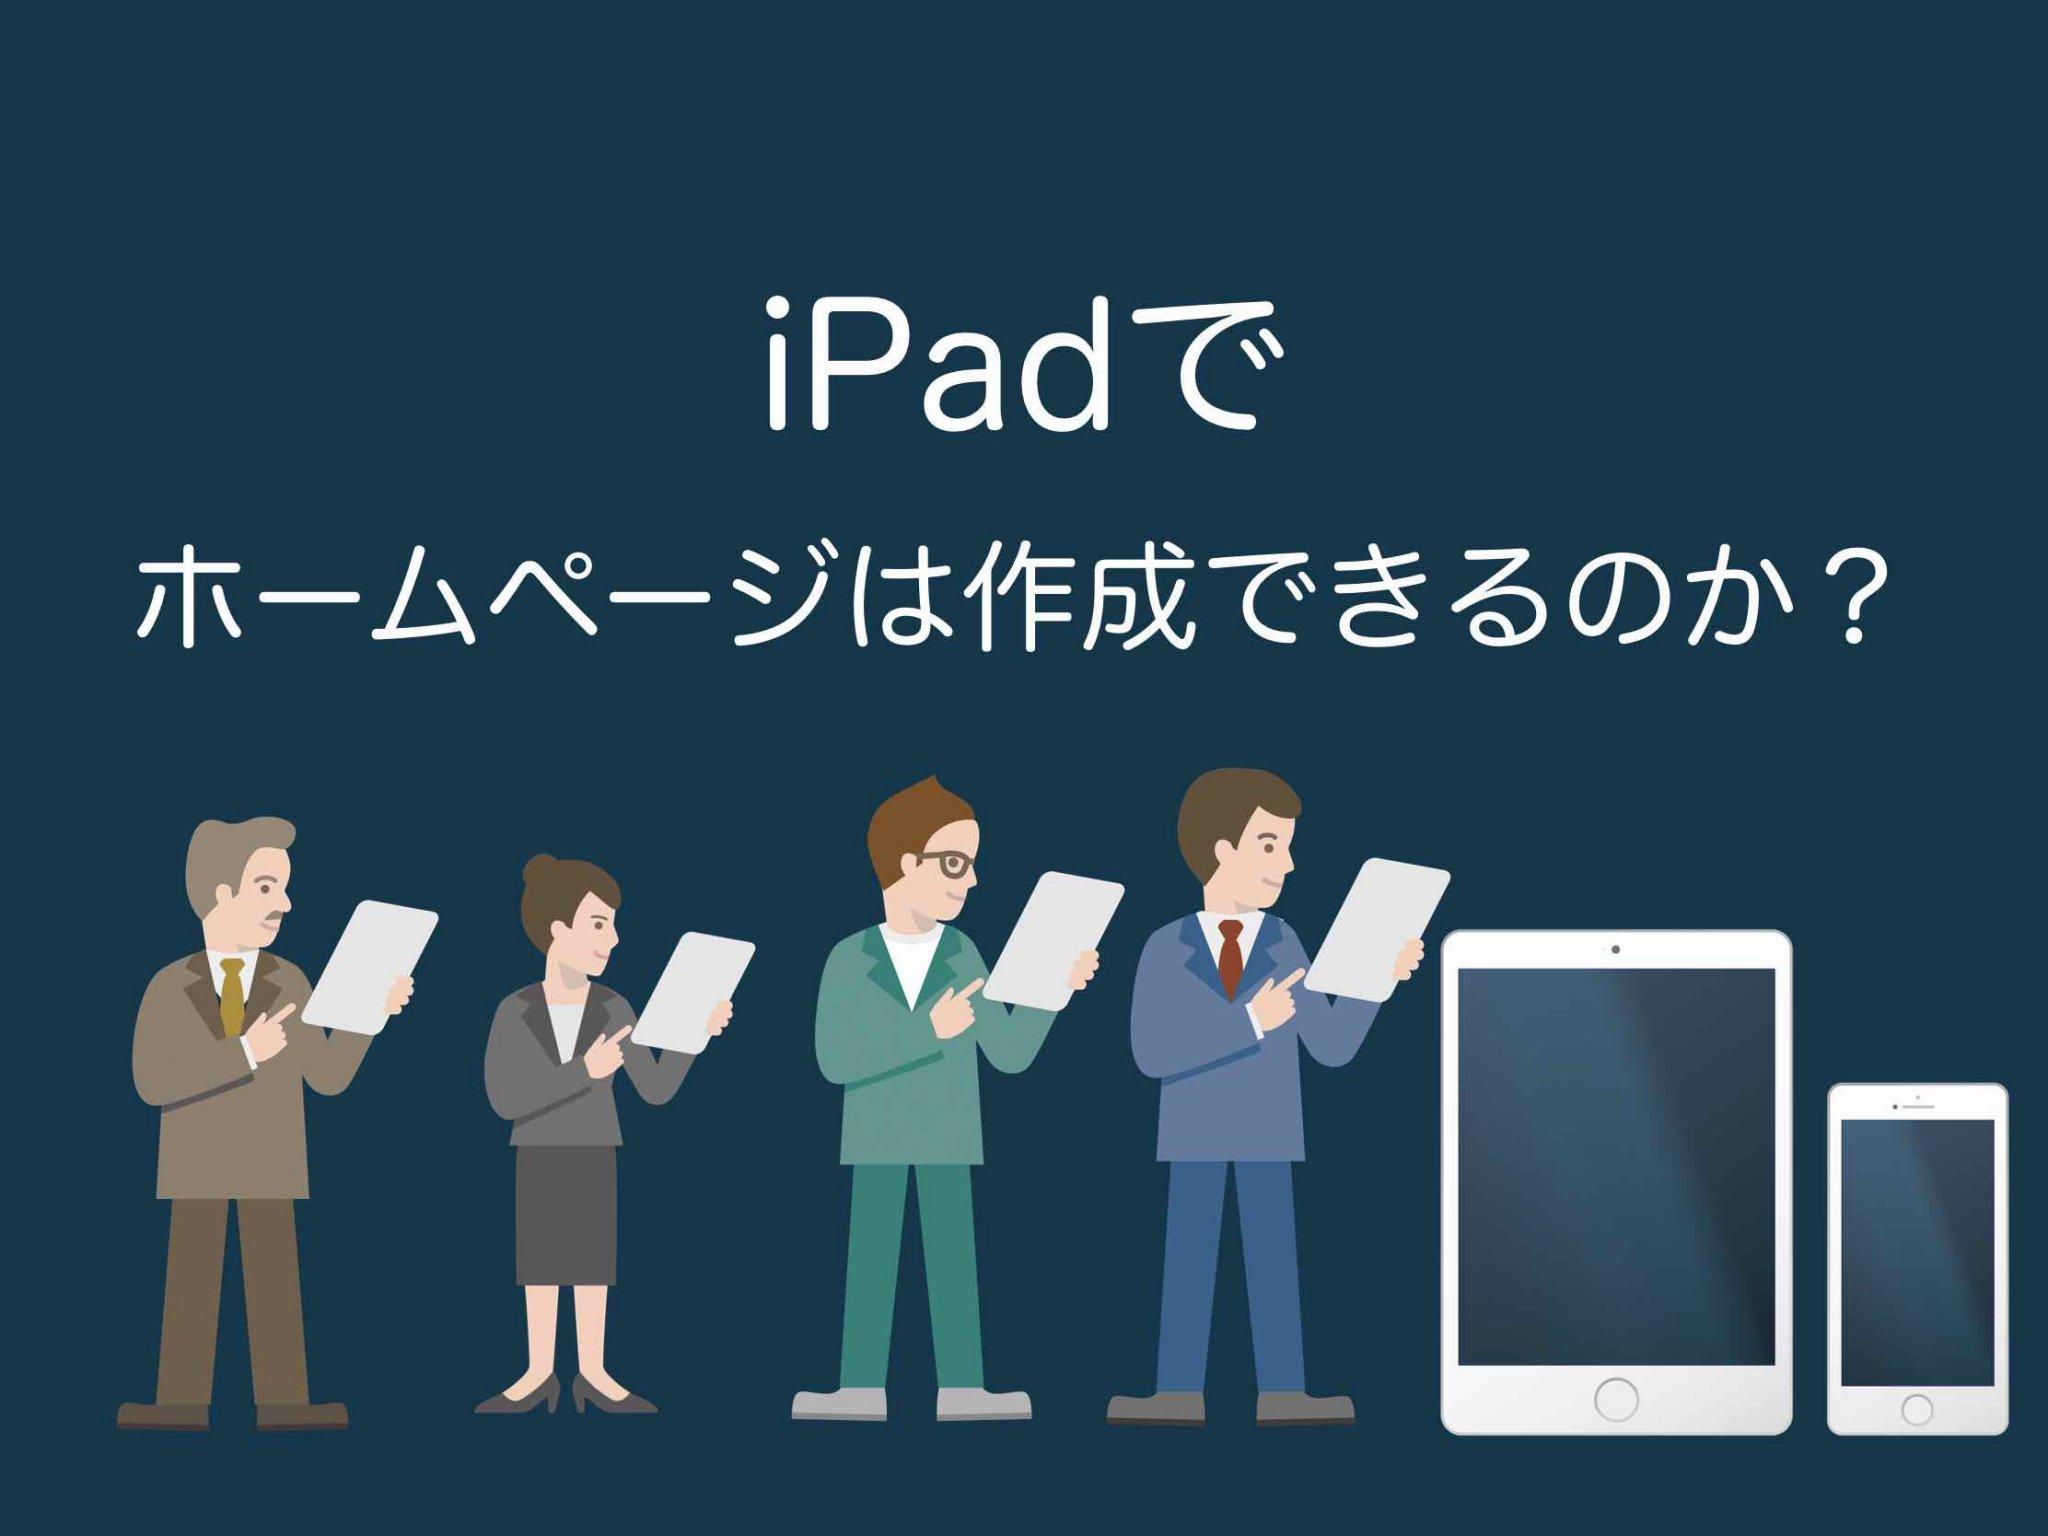 iPadでホームページは作成できるのか?